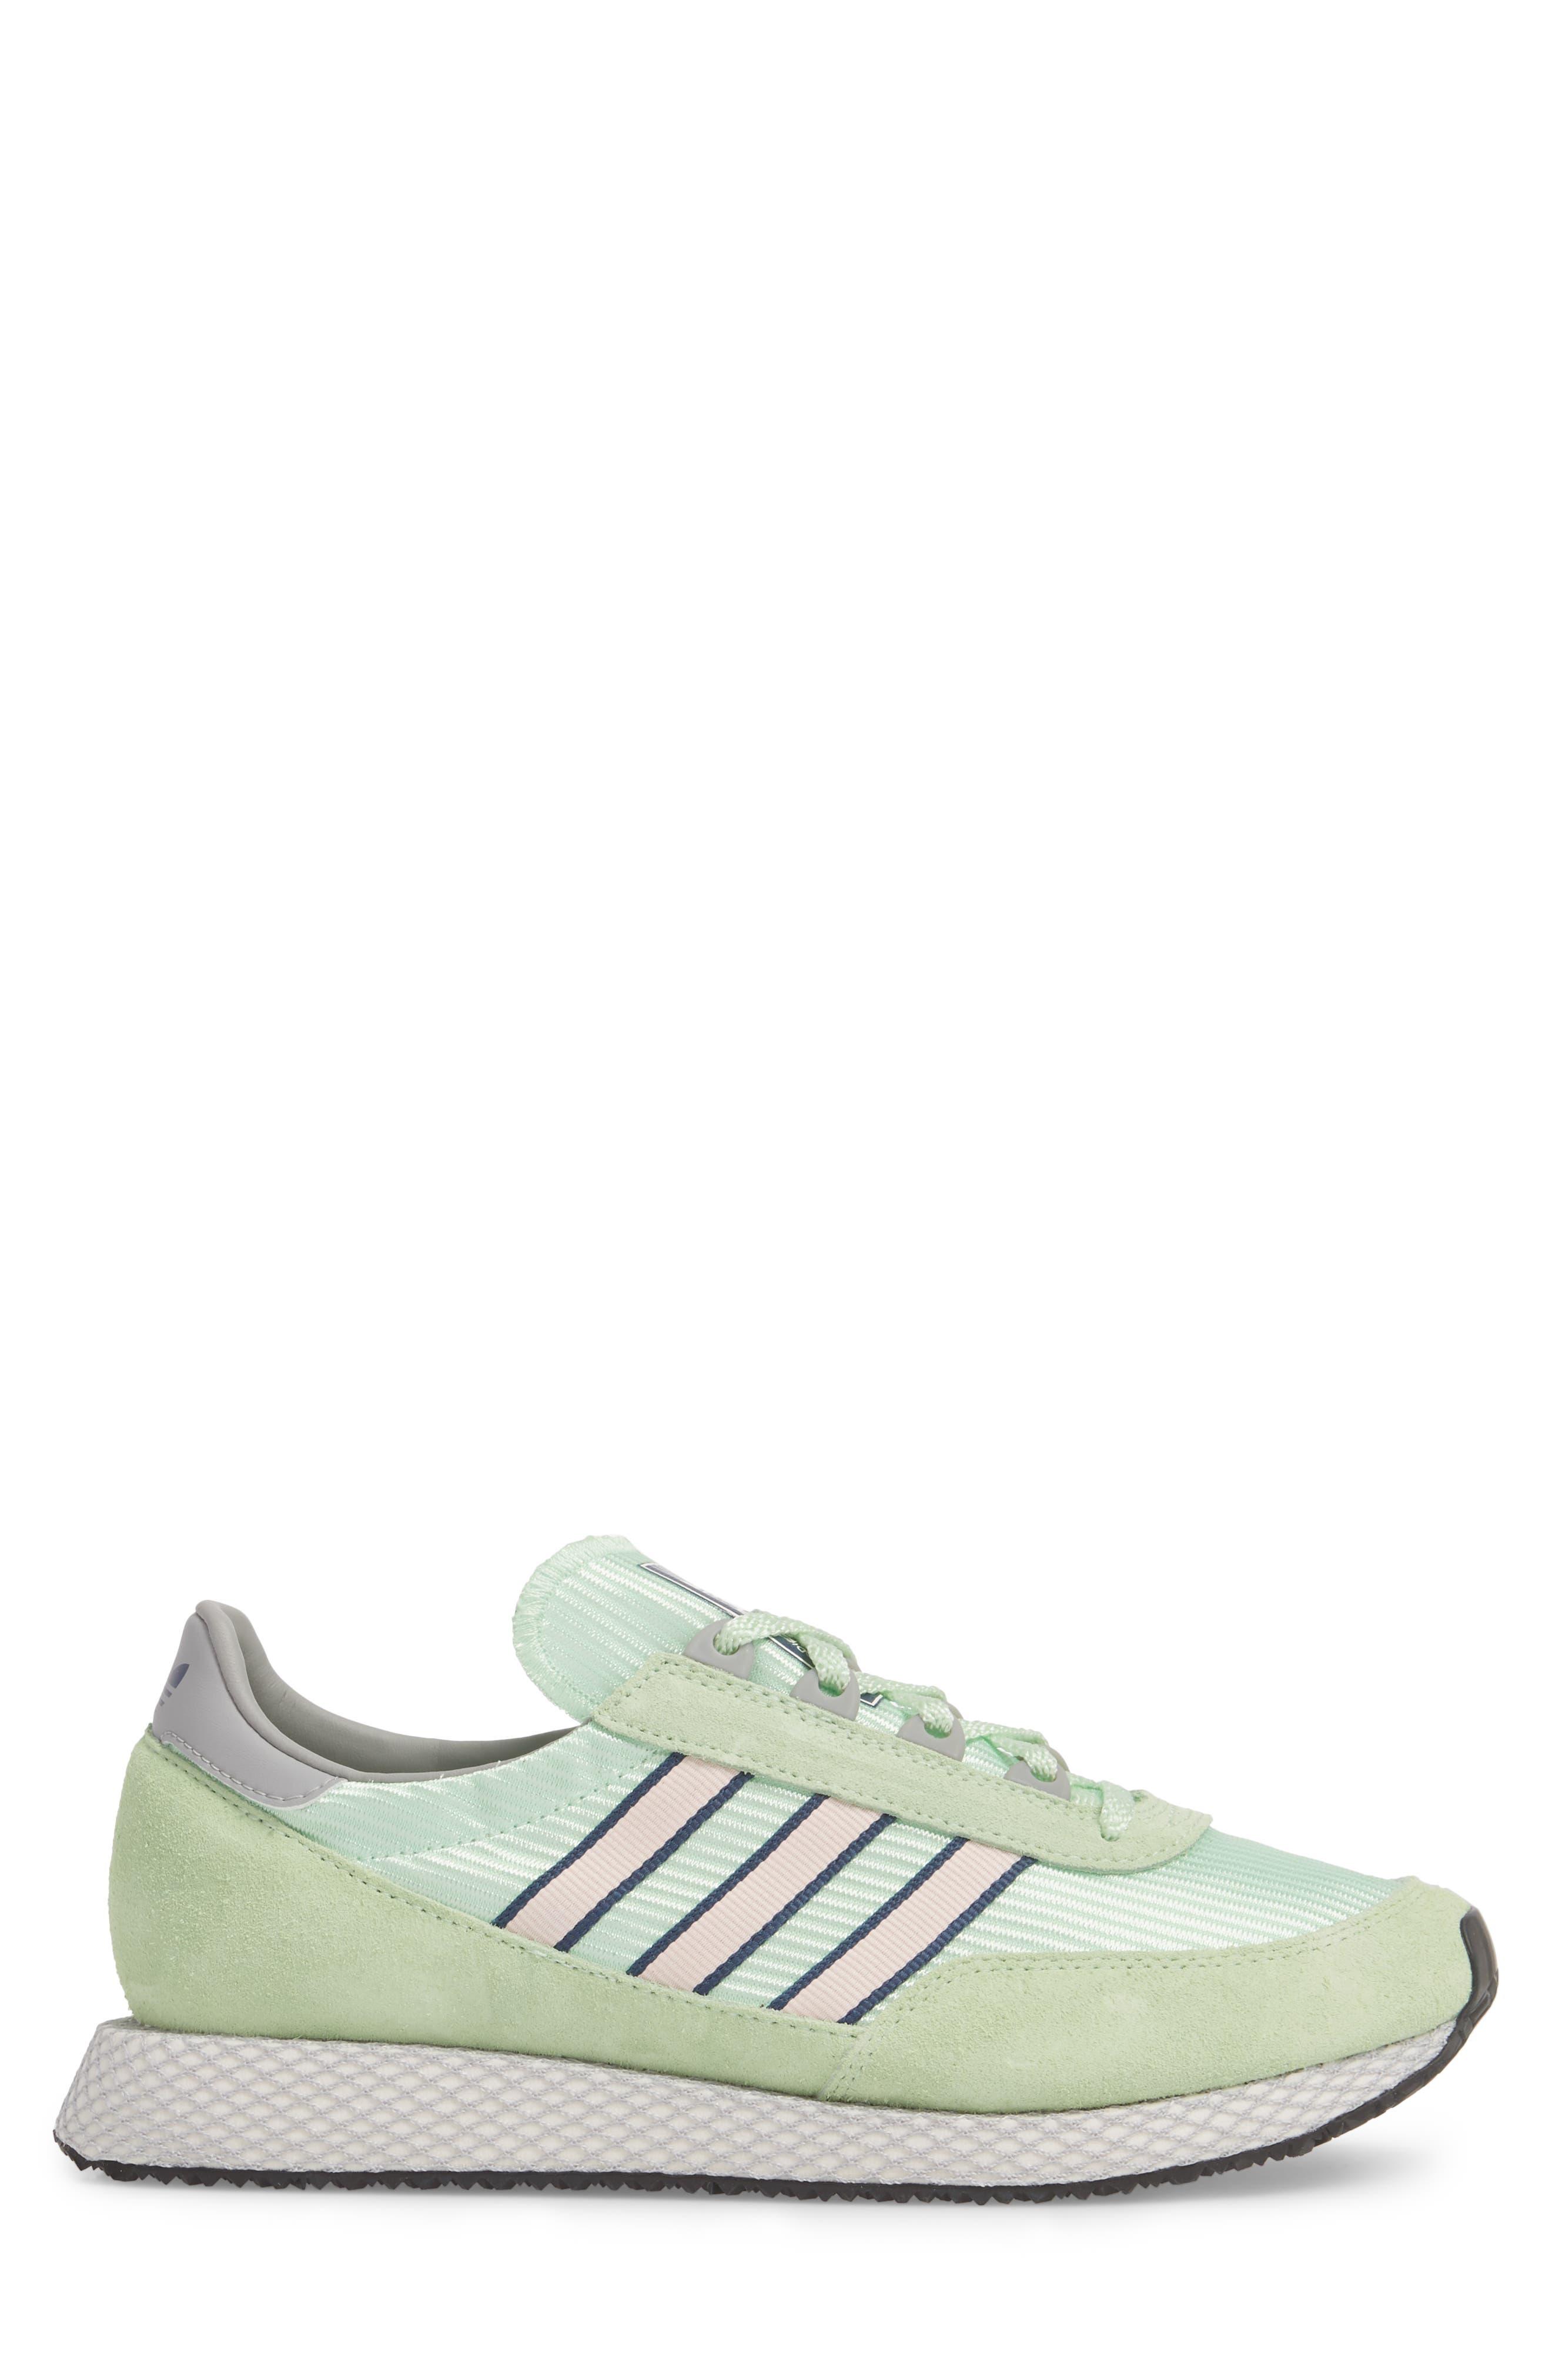 Glenbuck SPZL Sneaker,                             Alternate thumbnail 3, color,                             GREEN